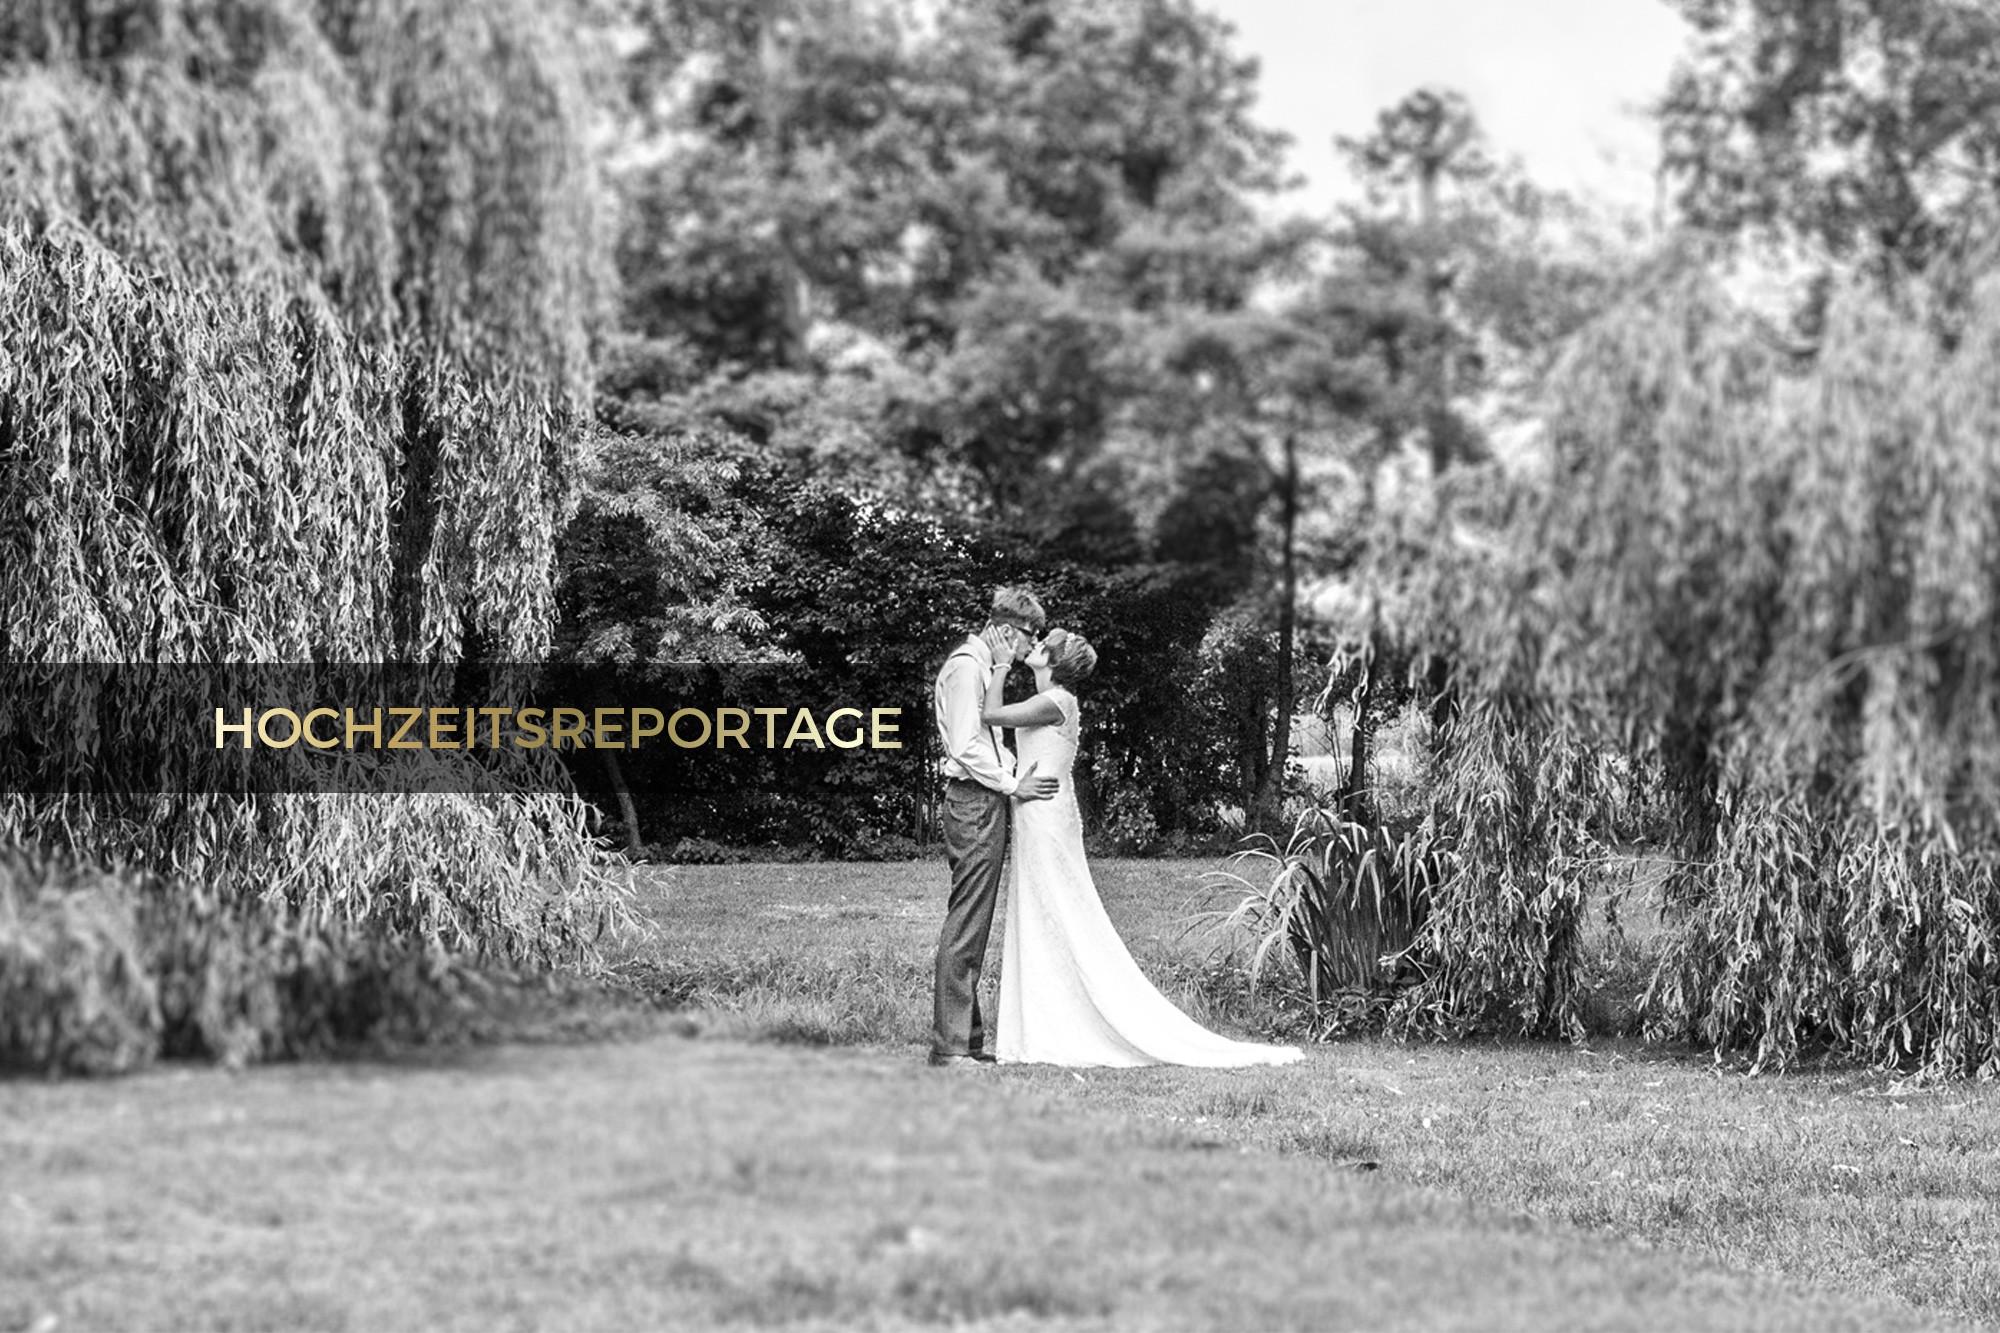 Hochzeitsreportage 2